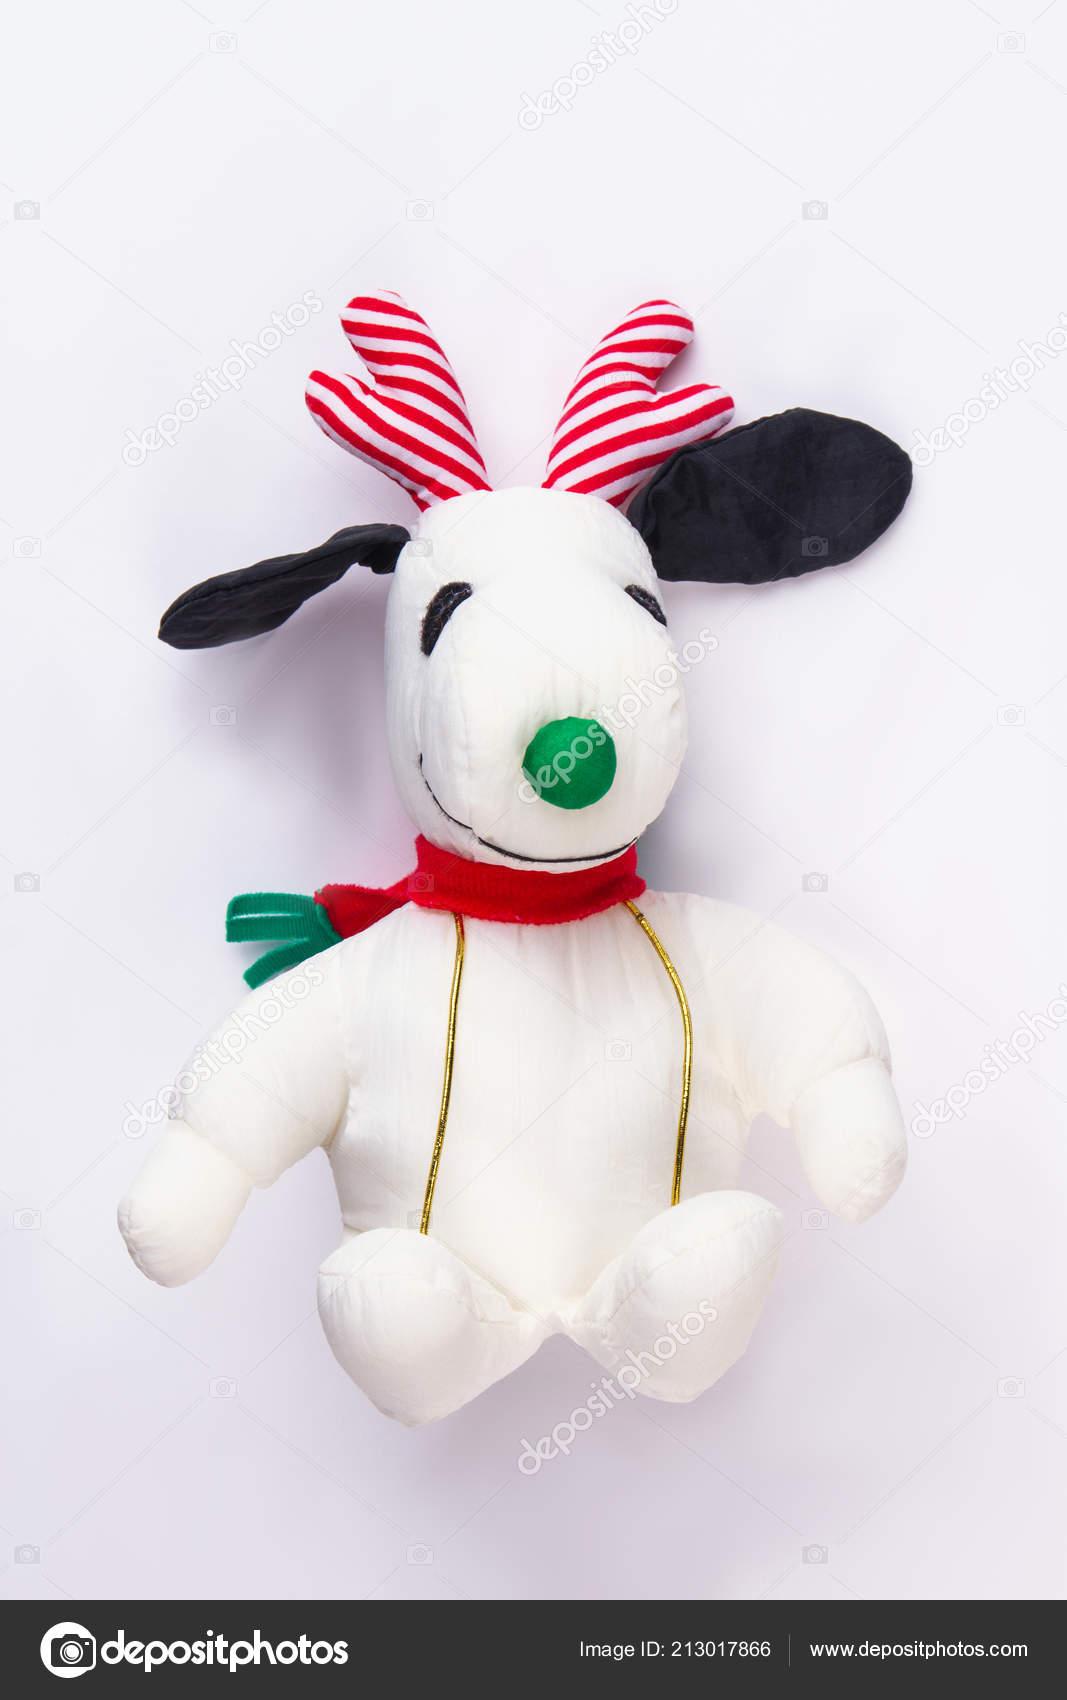 Plüschtier Form Von Snoopy Weihnachten Spielzeug Konzept Weißen ...